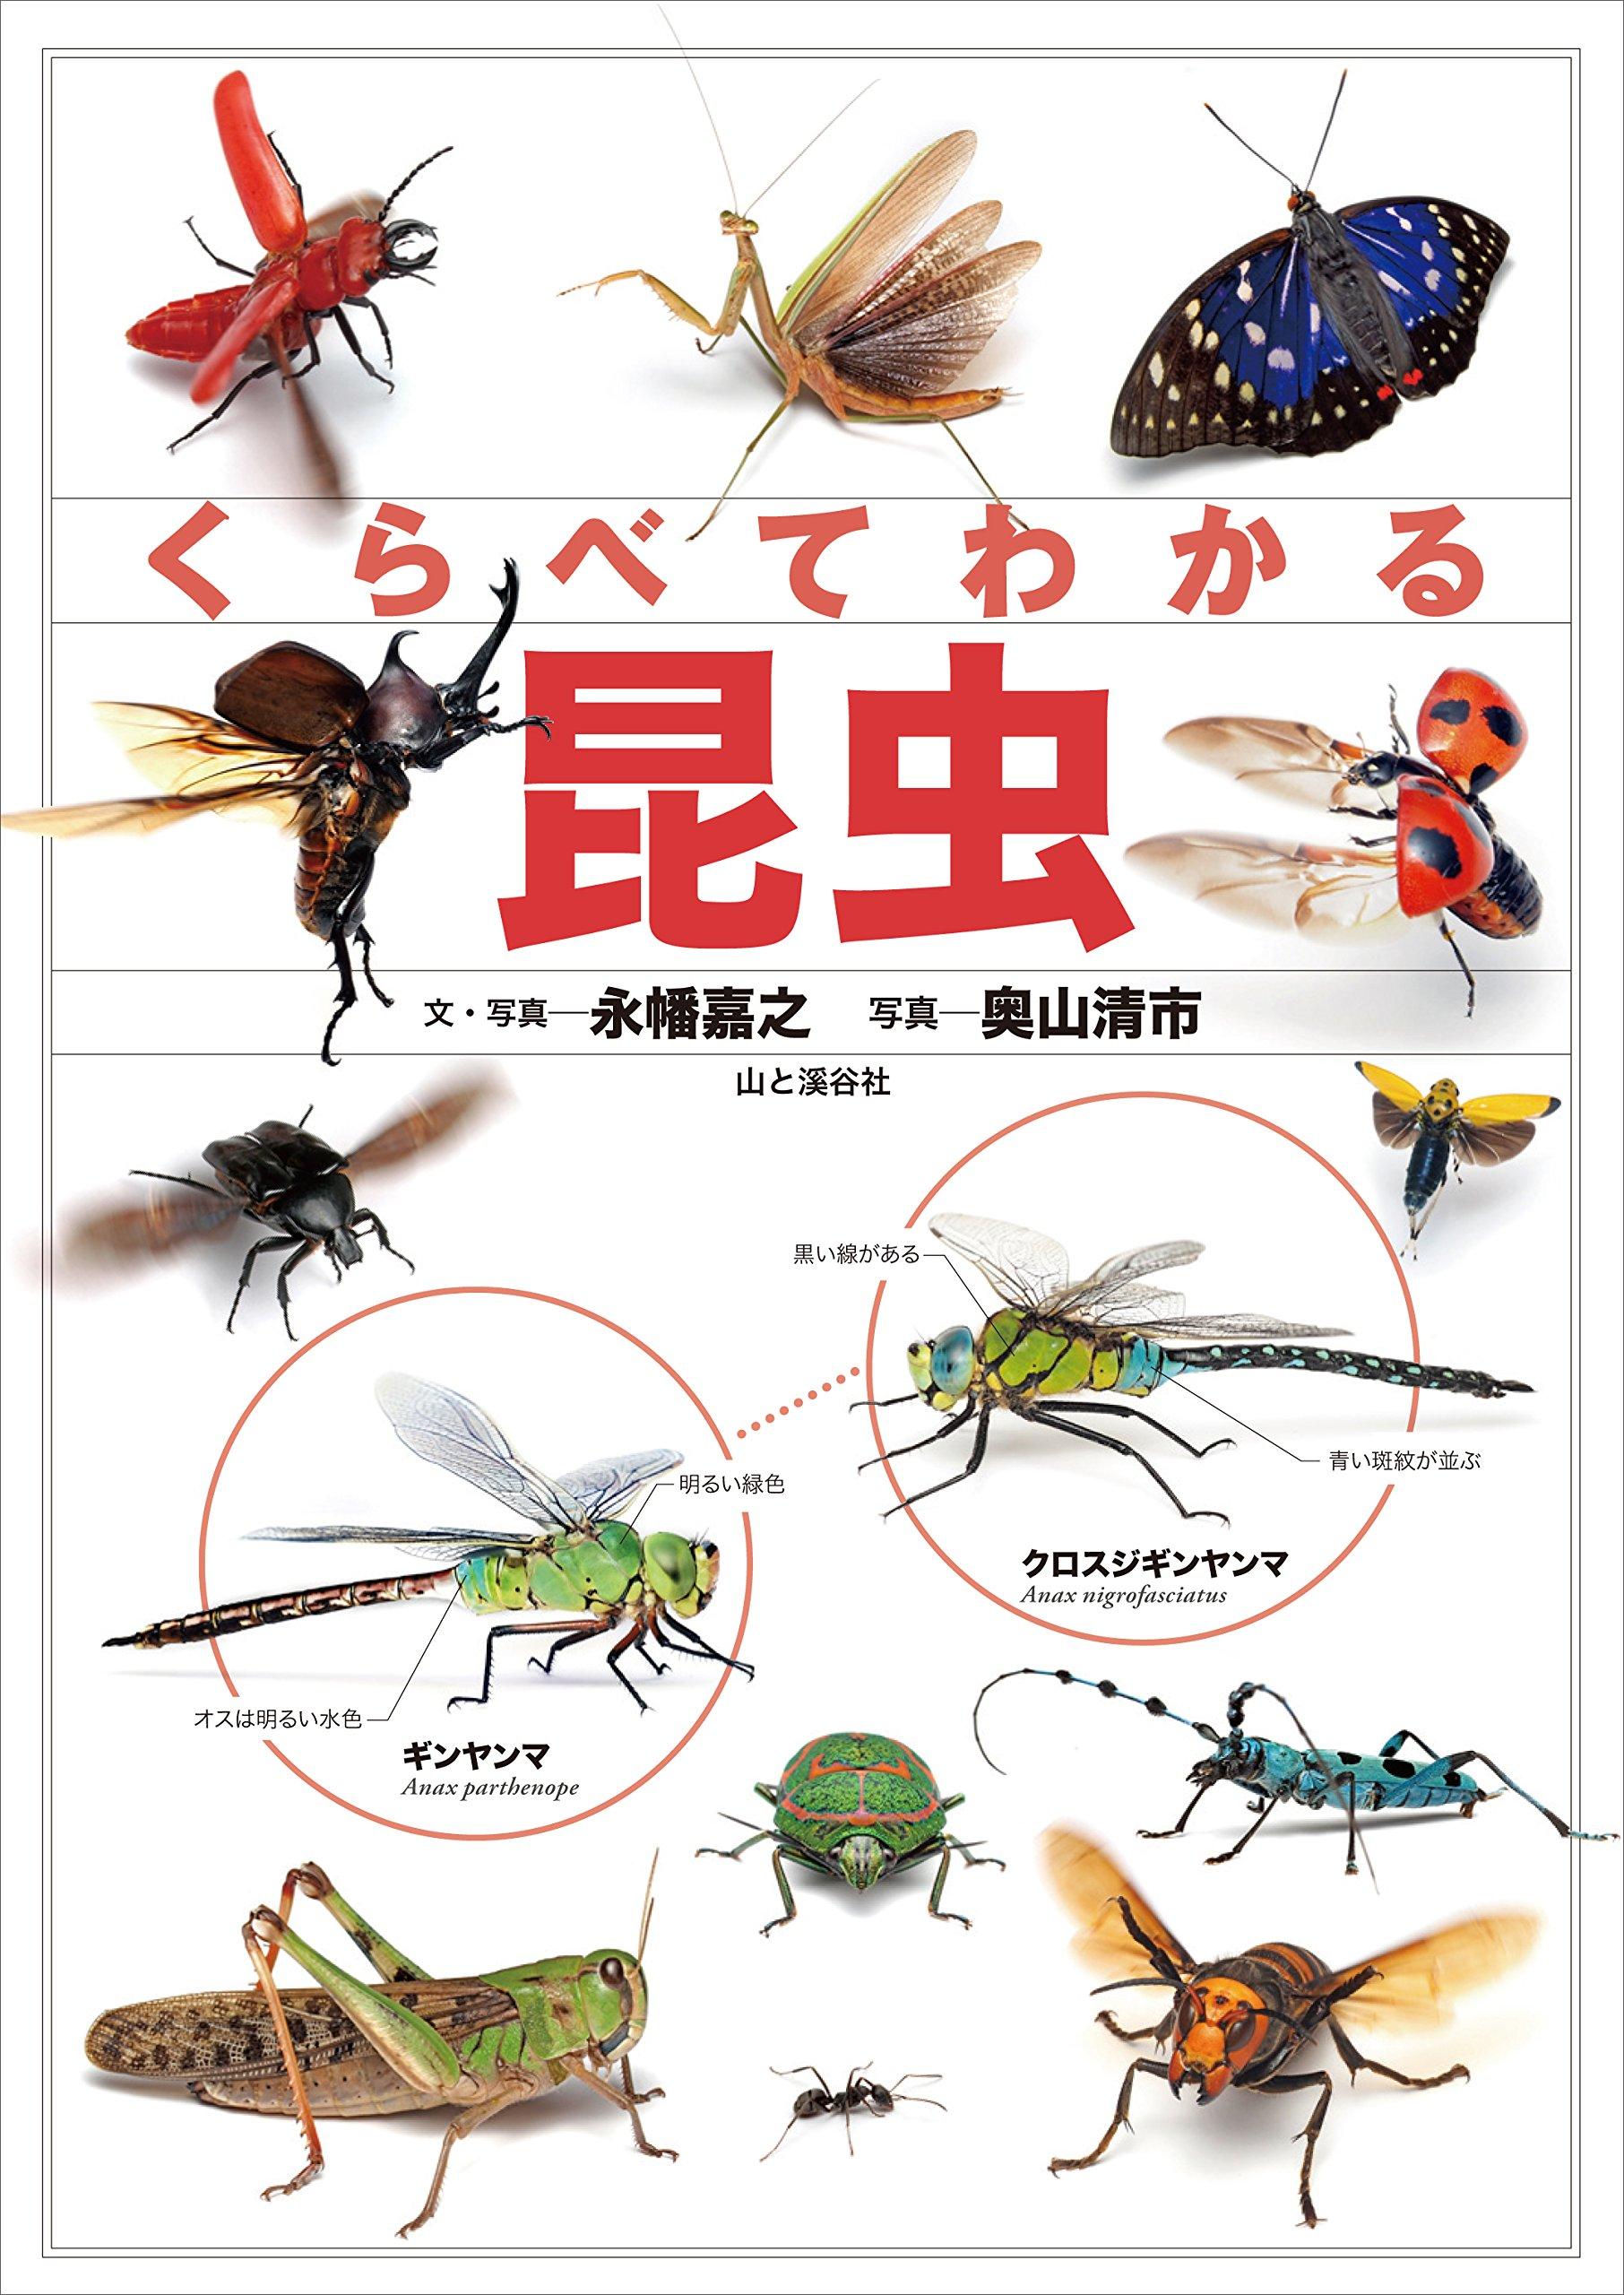 くらべてわかる昆虫